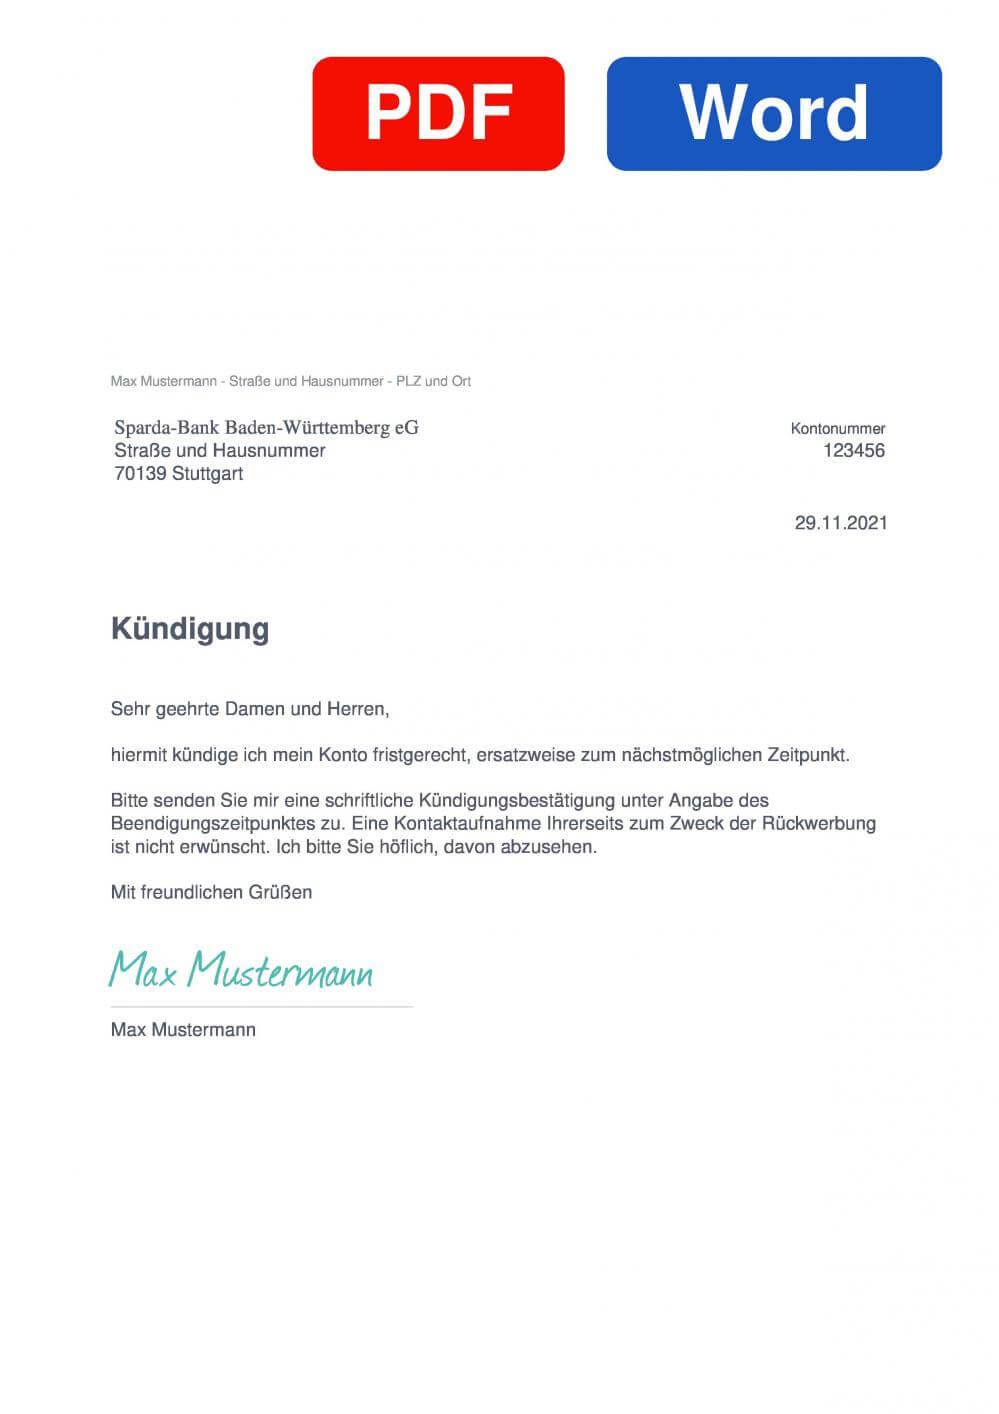 Sparda-Bank Baden-Württemberg Muster Vorlage für Kündigungsschreiben